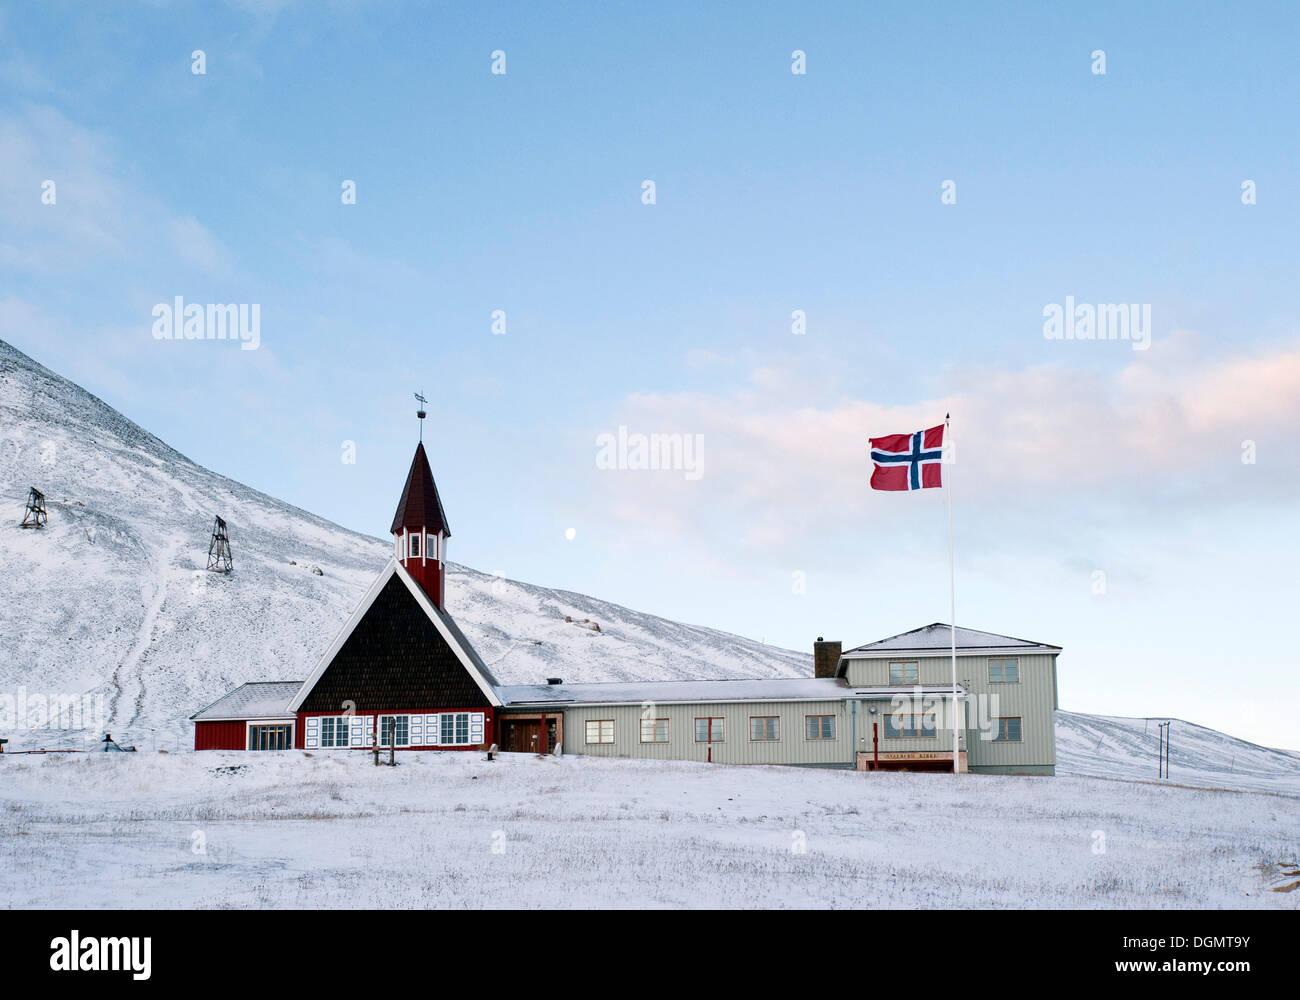 Church Of Longyearbyen Longyearbyen Spitsbergen Island